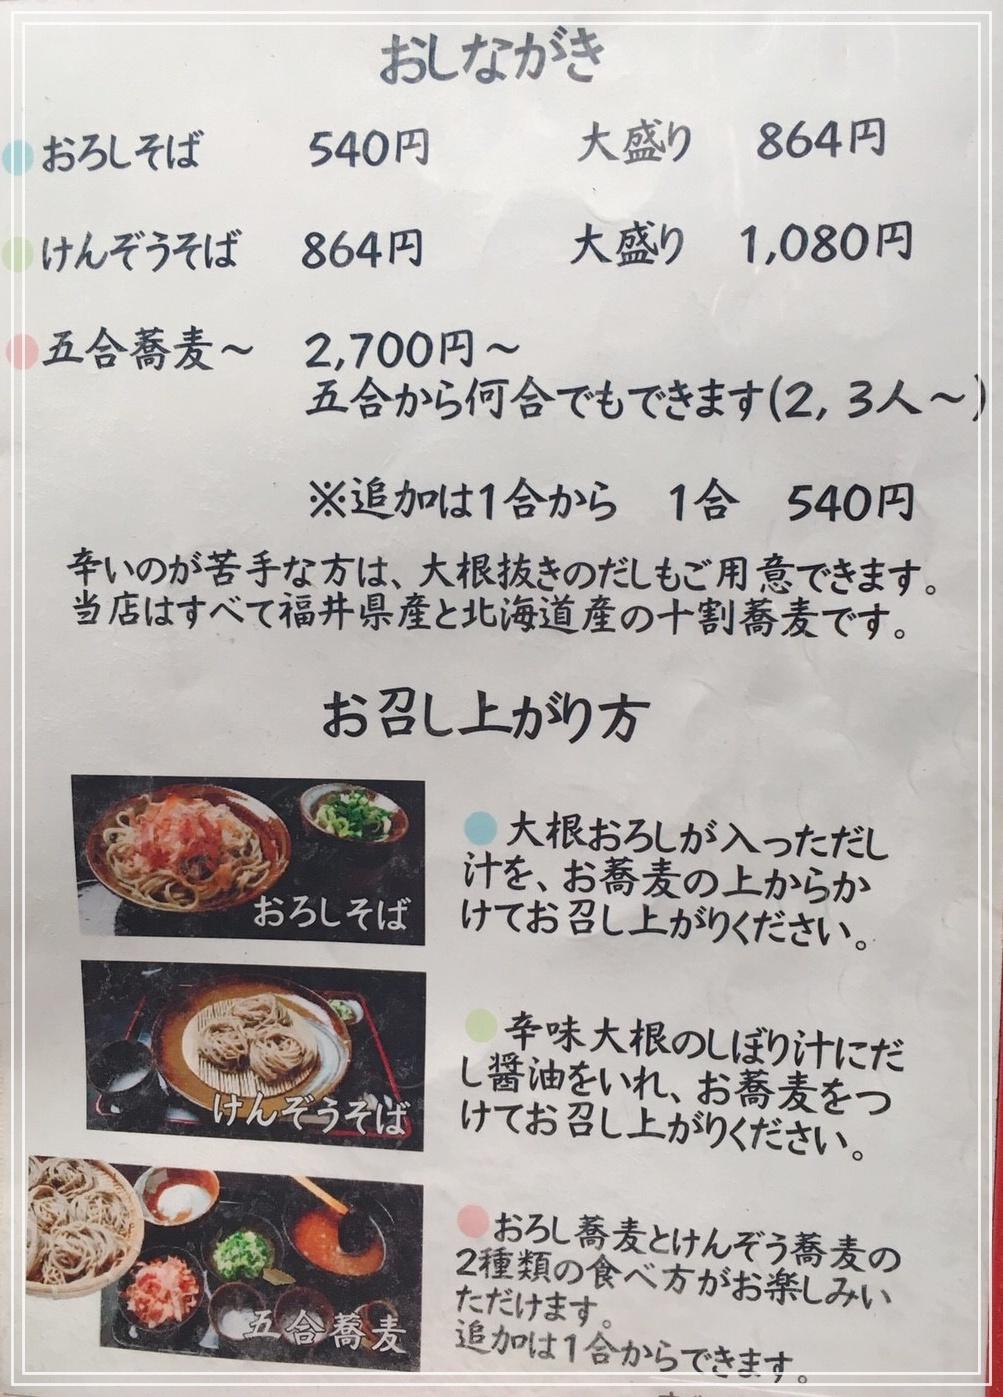 福井の名店!永平寺のけんぞう蕎麦がおすすめ!メニュー・駐車場は?5